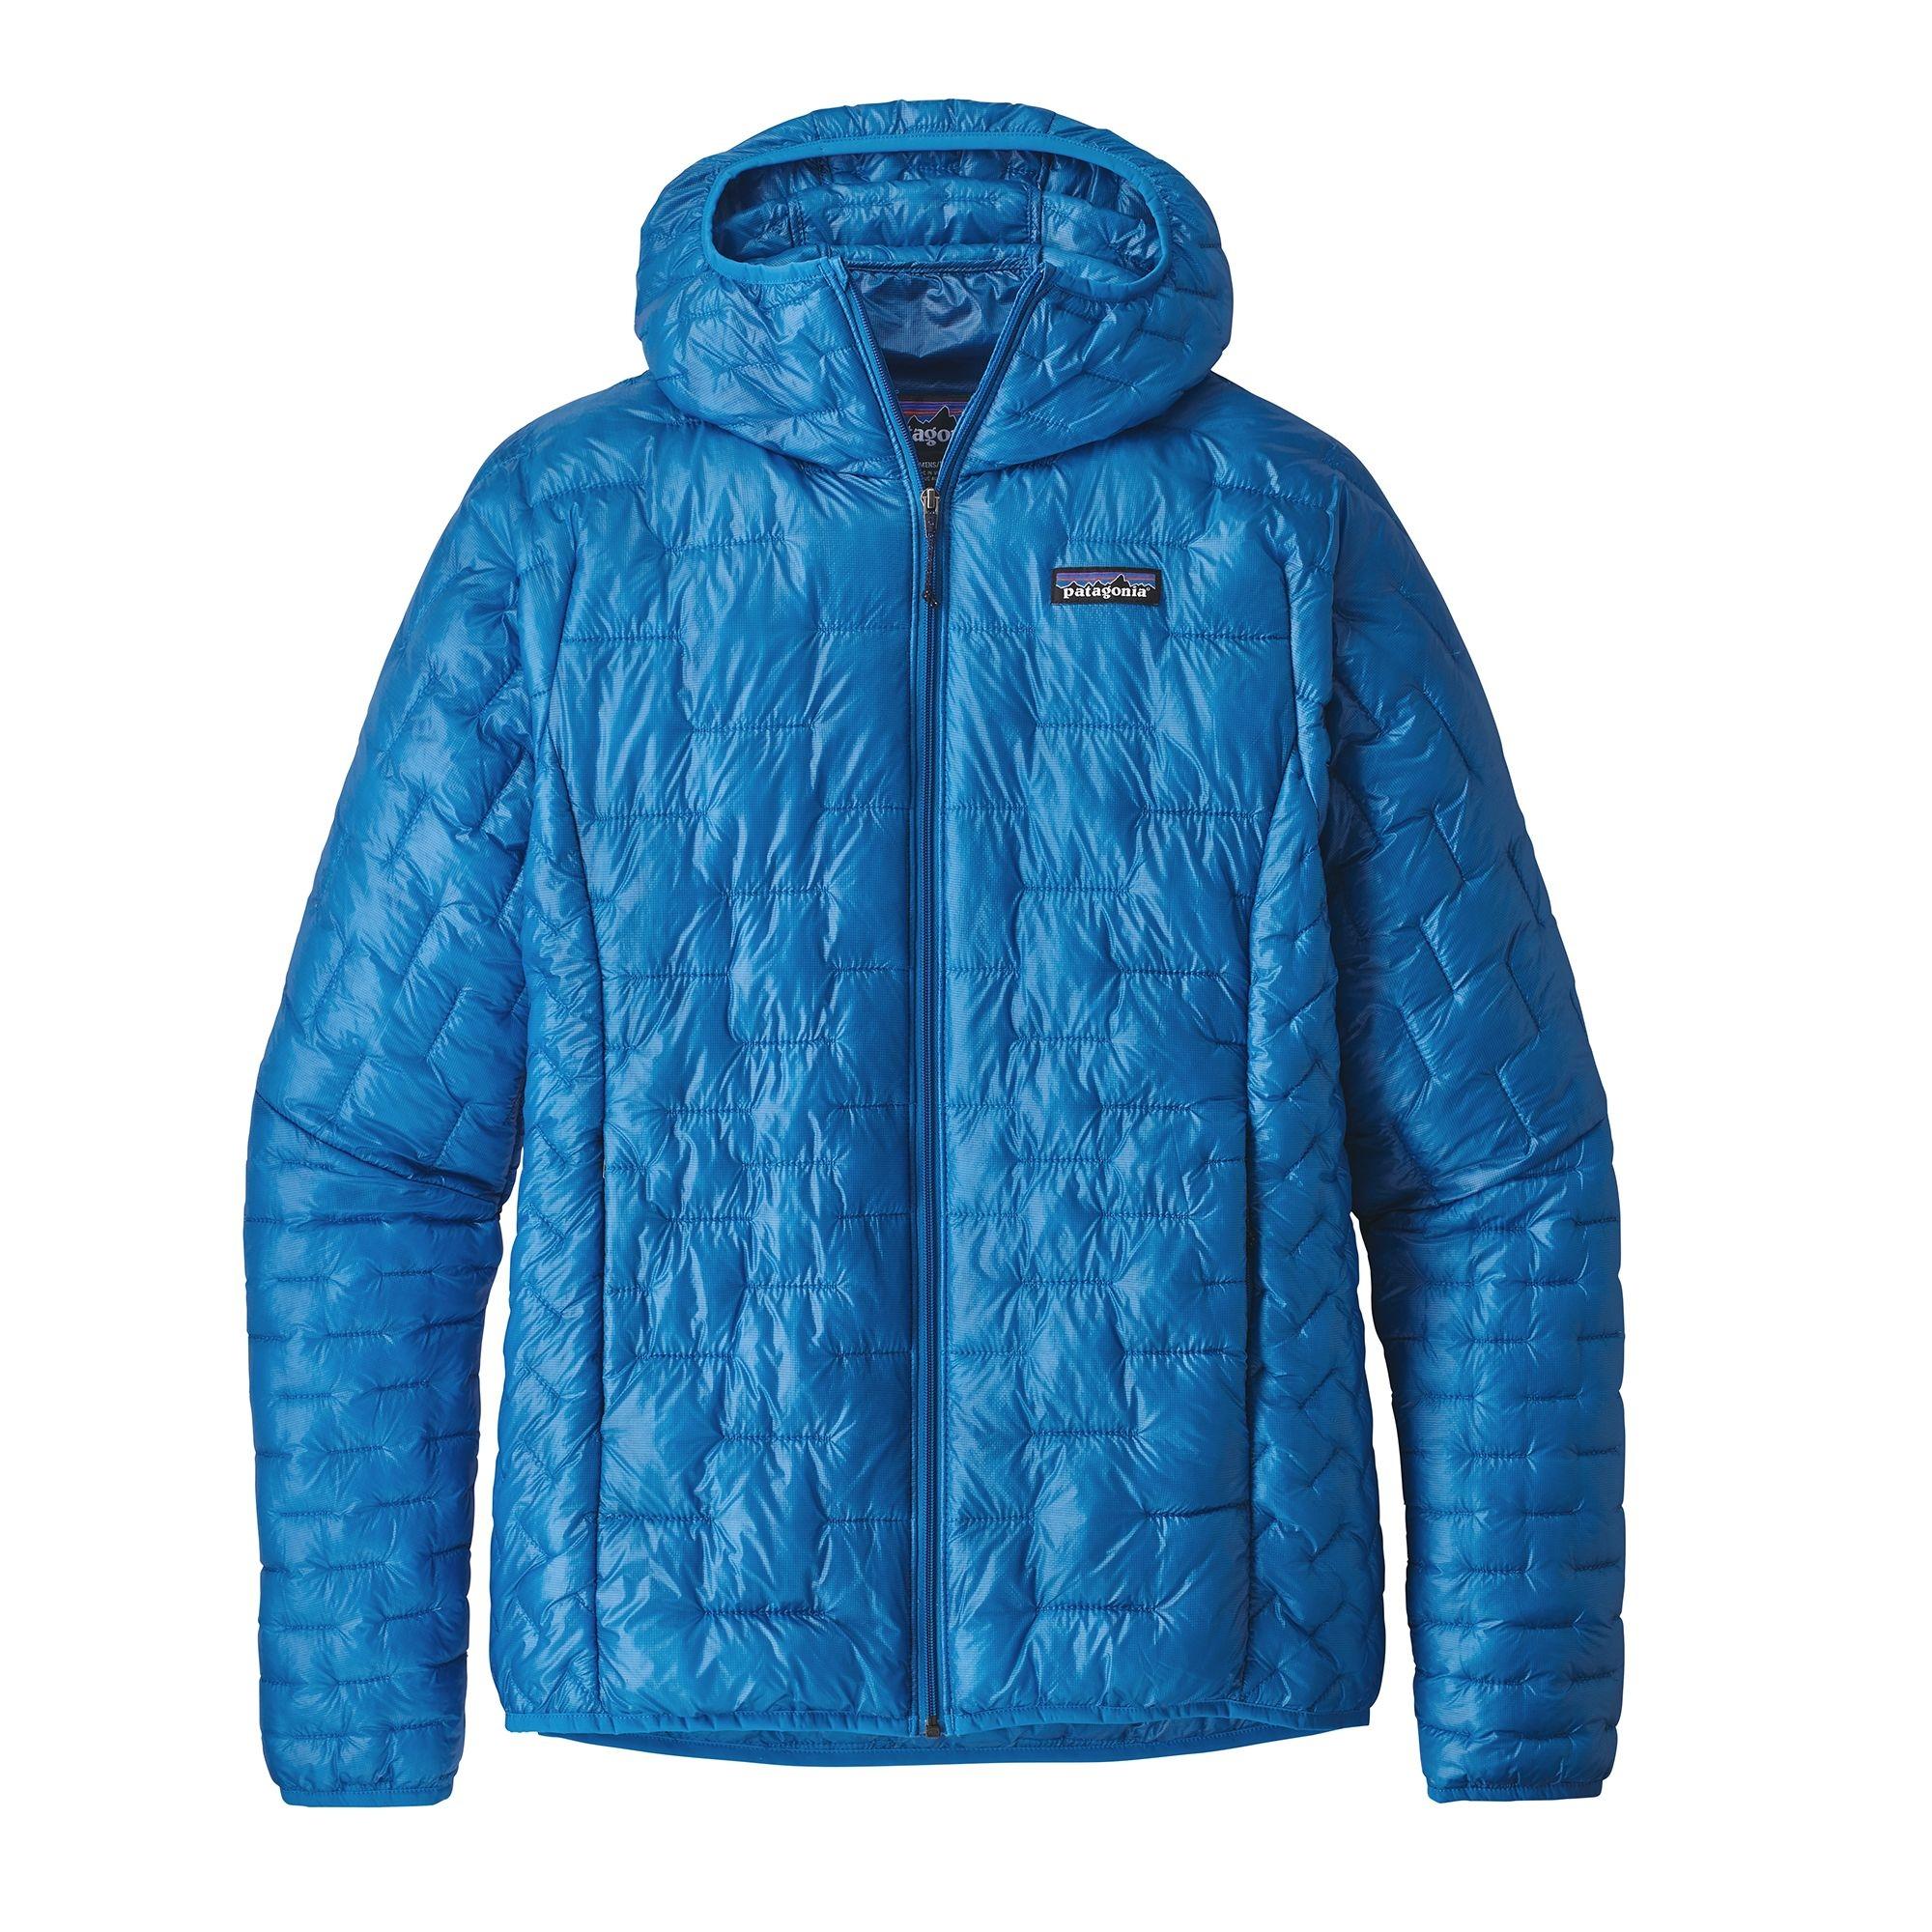 9b87823830f PATAGONIA Patagonia W S MICRO PUFF HOODY bleu 2019 hiver. Avec la veste  Micro Puff Hoody de Patagonia